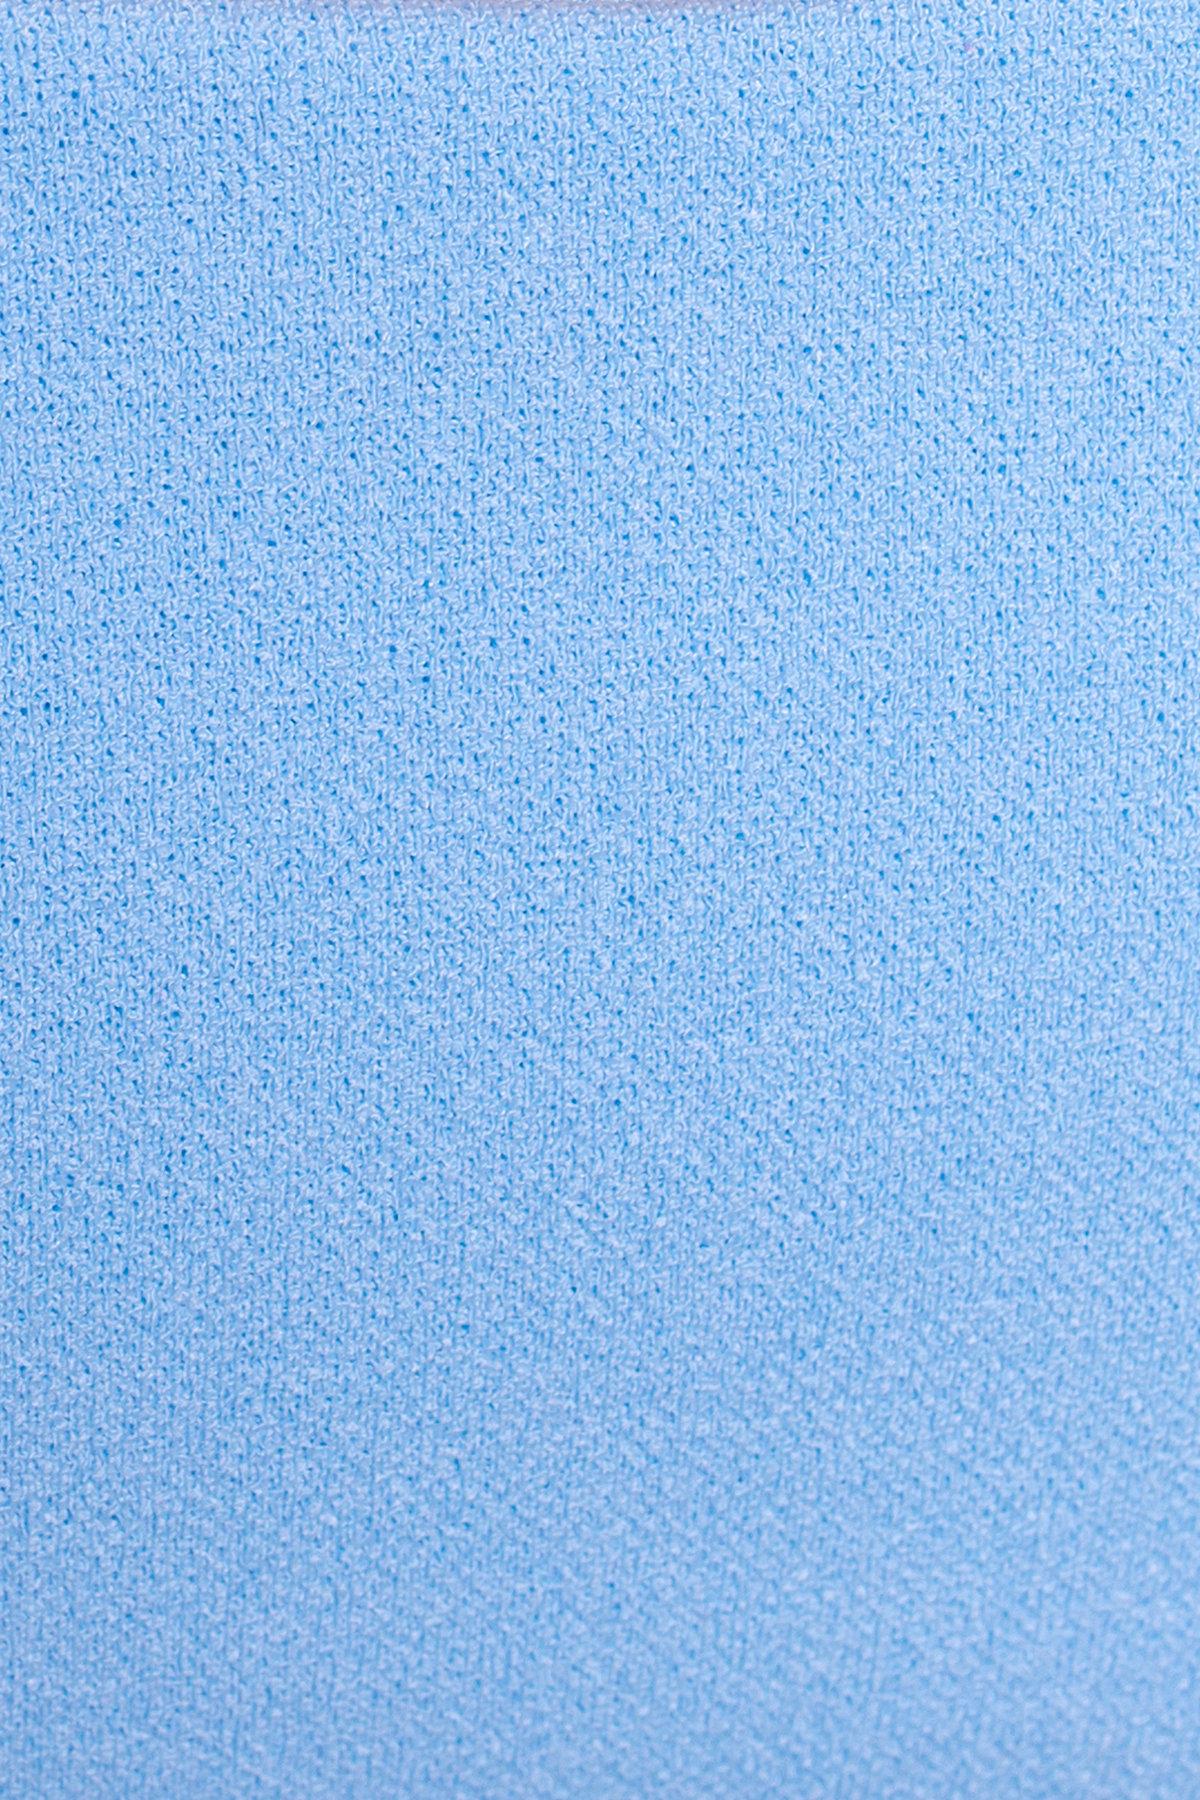 Платье Тата 2099  АРТ. 13588 Цвет: Голубой - фото 2, интернет магазин tm-modus.ru